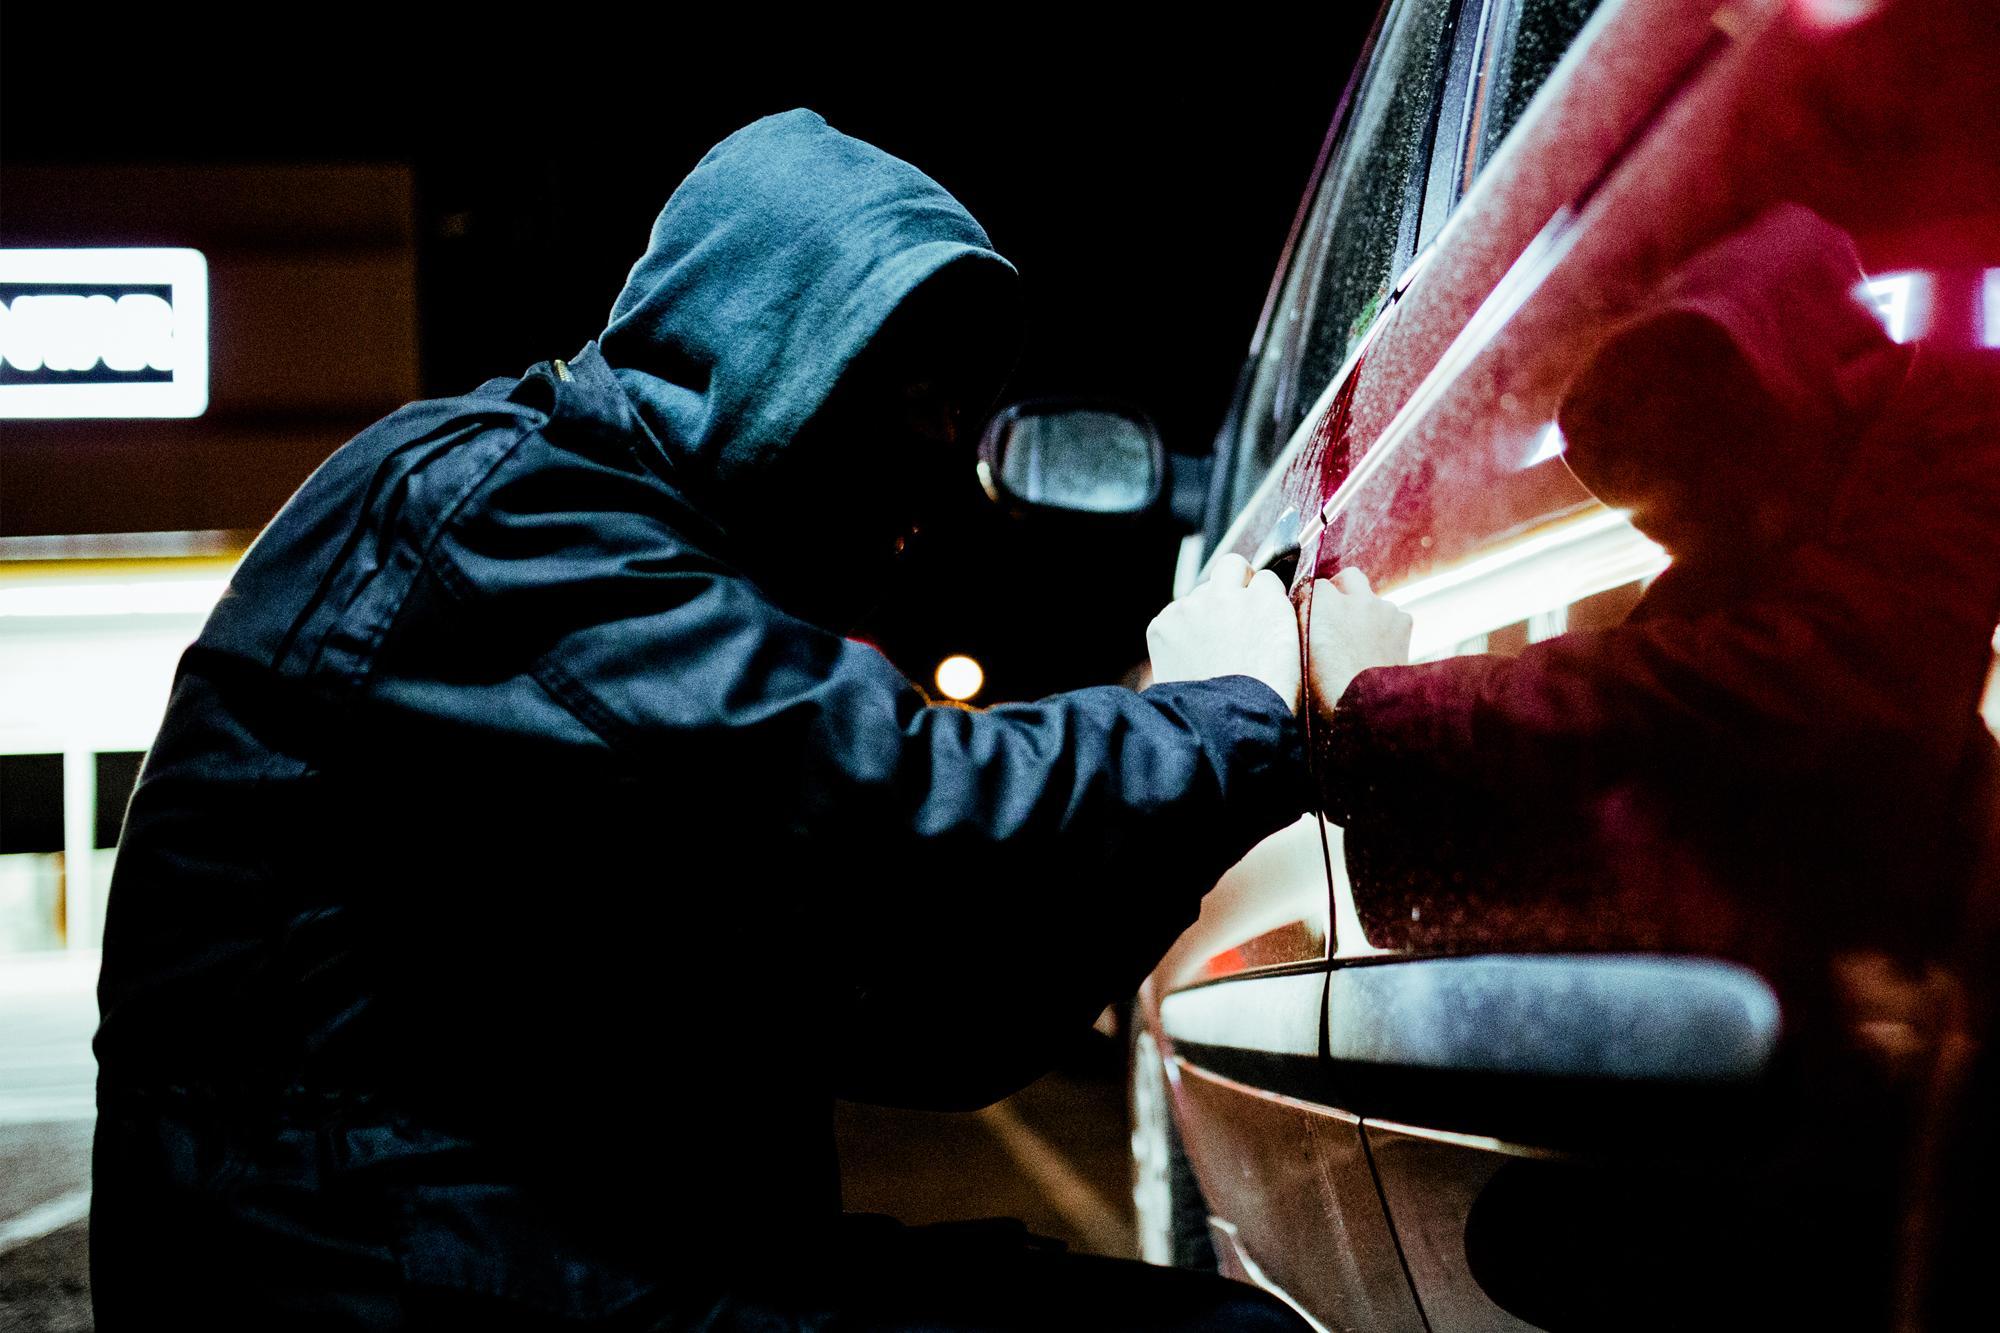 Σύλληψη μελών συμμορίας που έκλεβε αυτοκίνητα